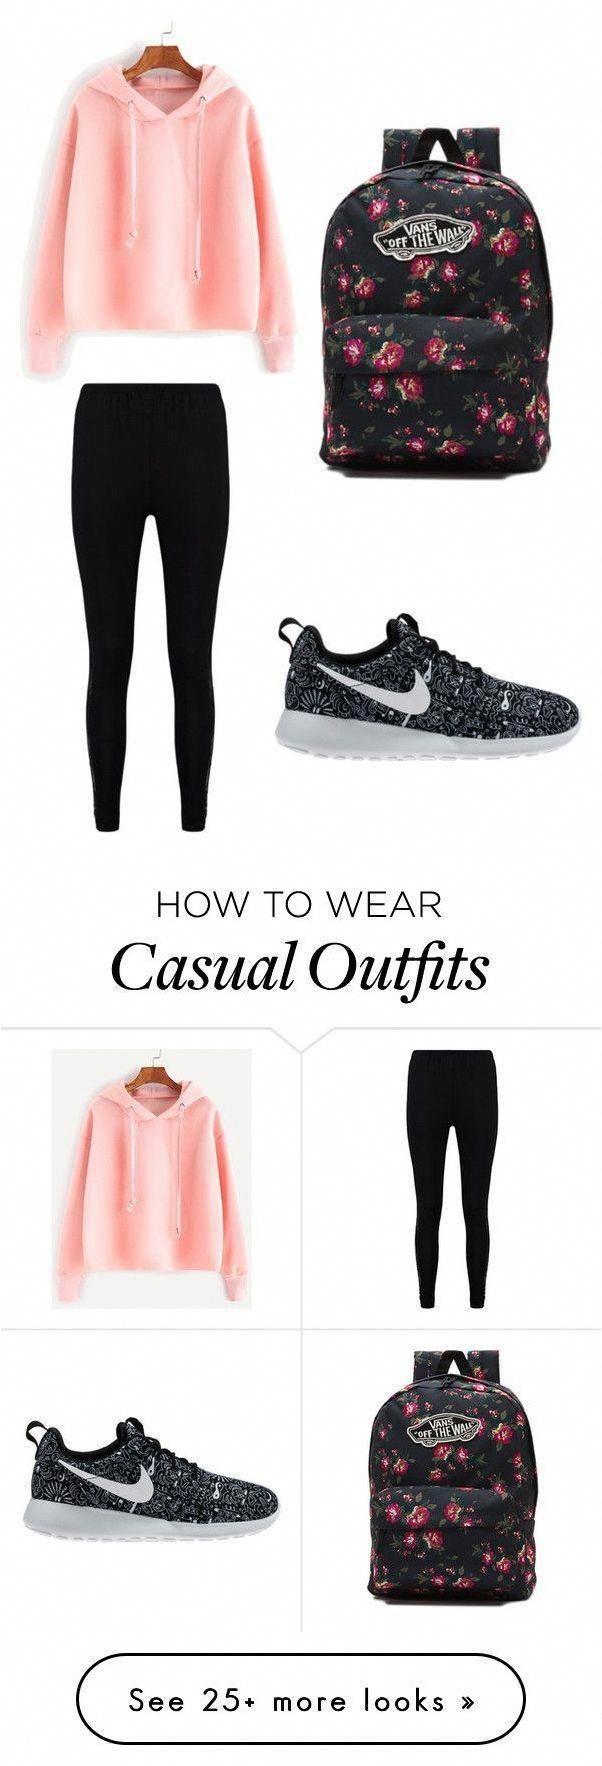 Neueste Mode für Mädchen | Tween Girl Kleidungsstil | Die heutige Teen Fashion 20190118